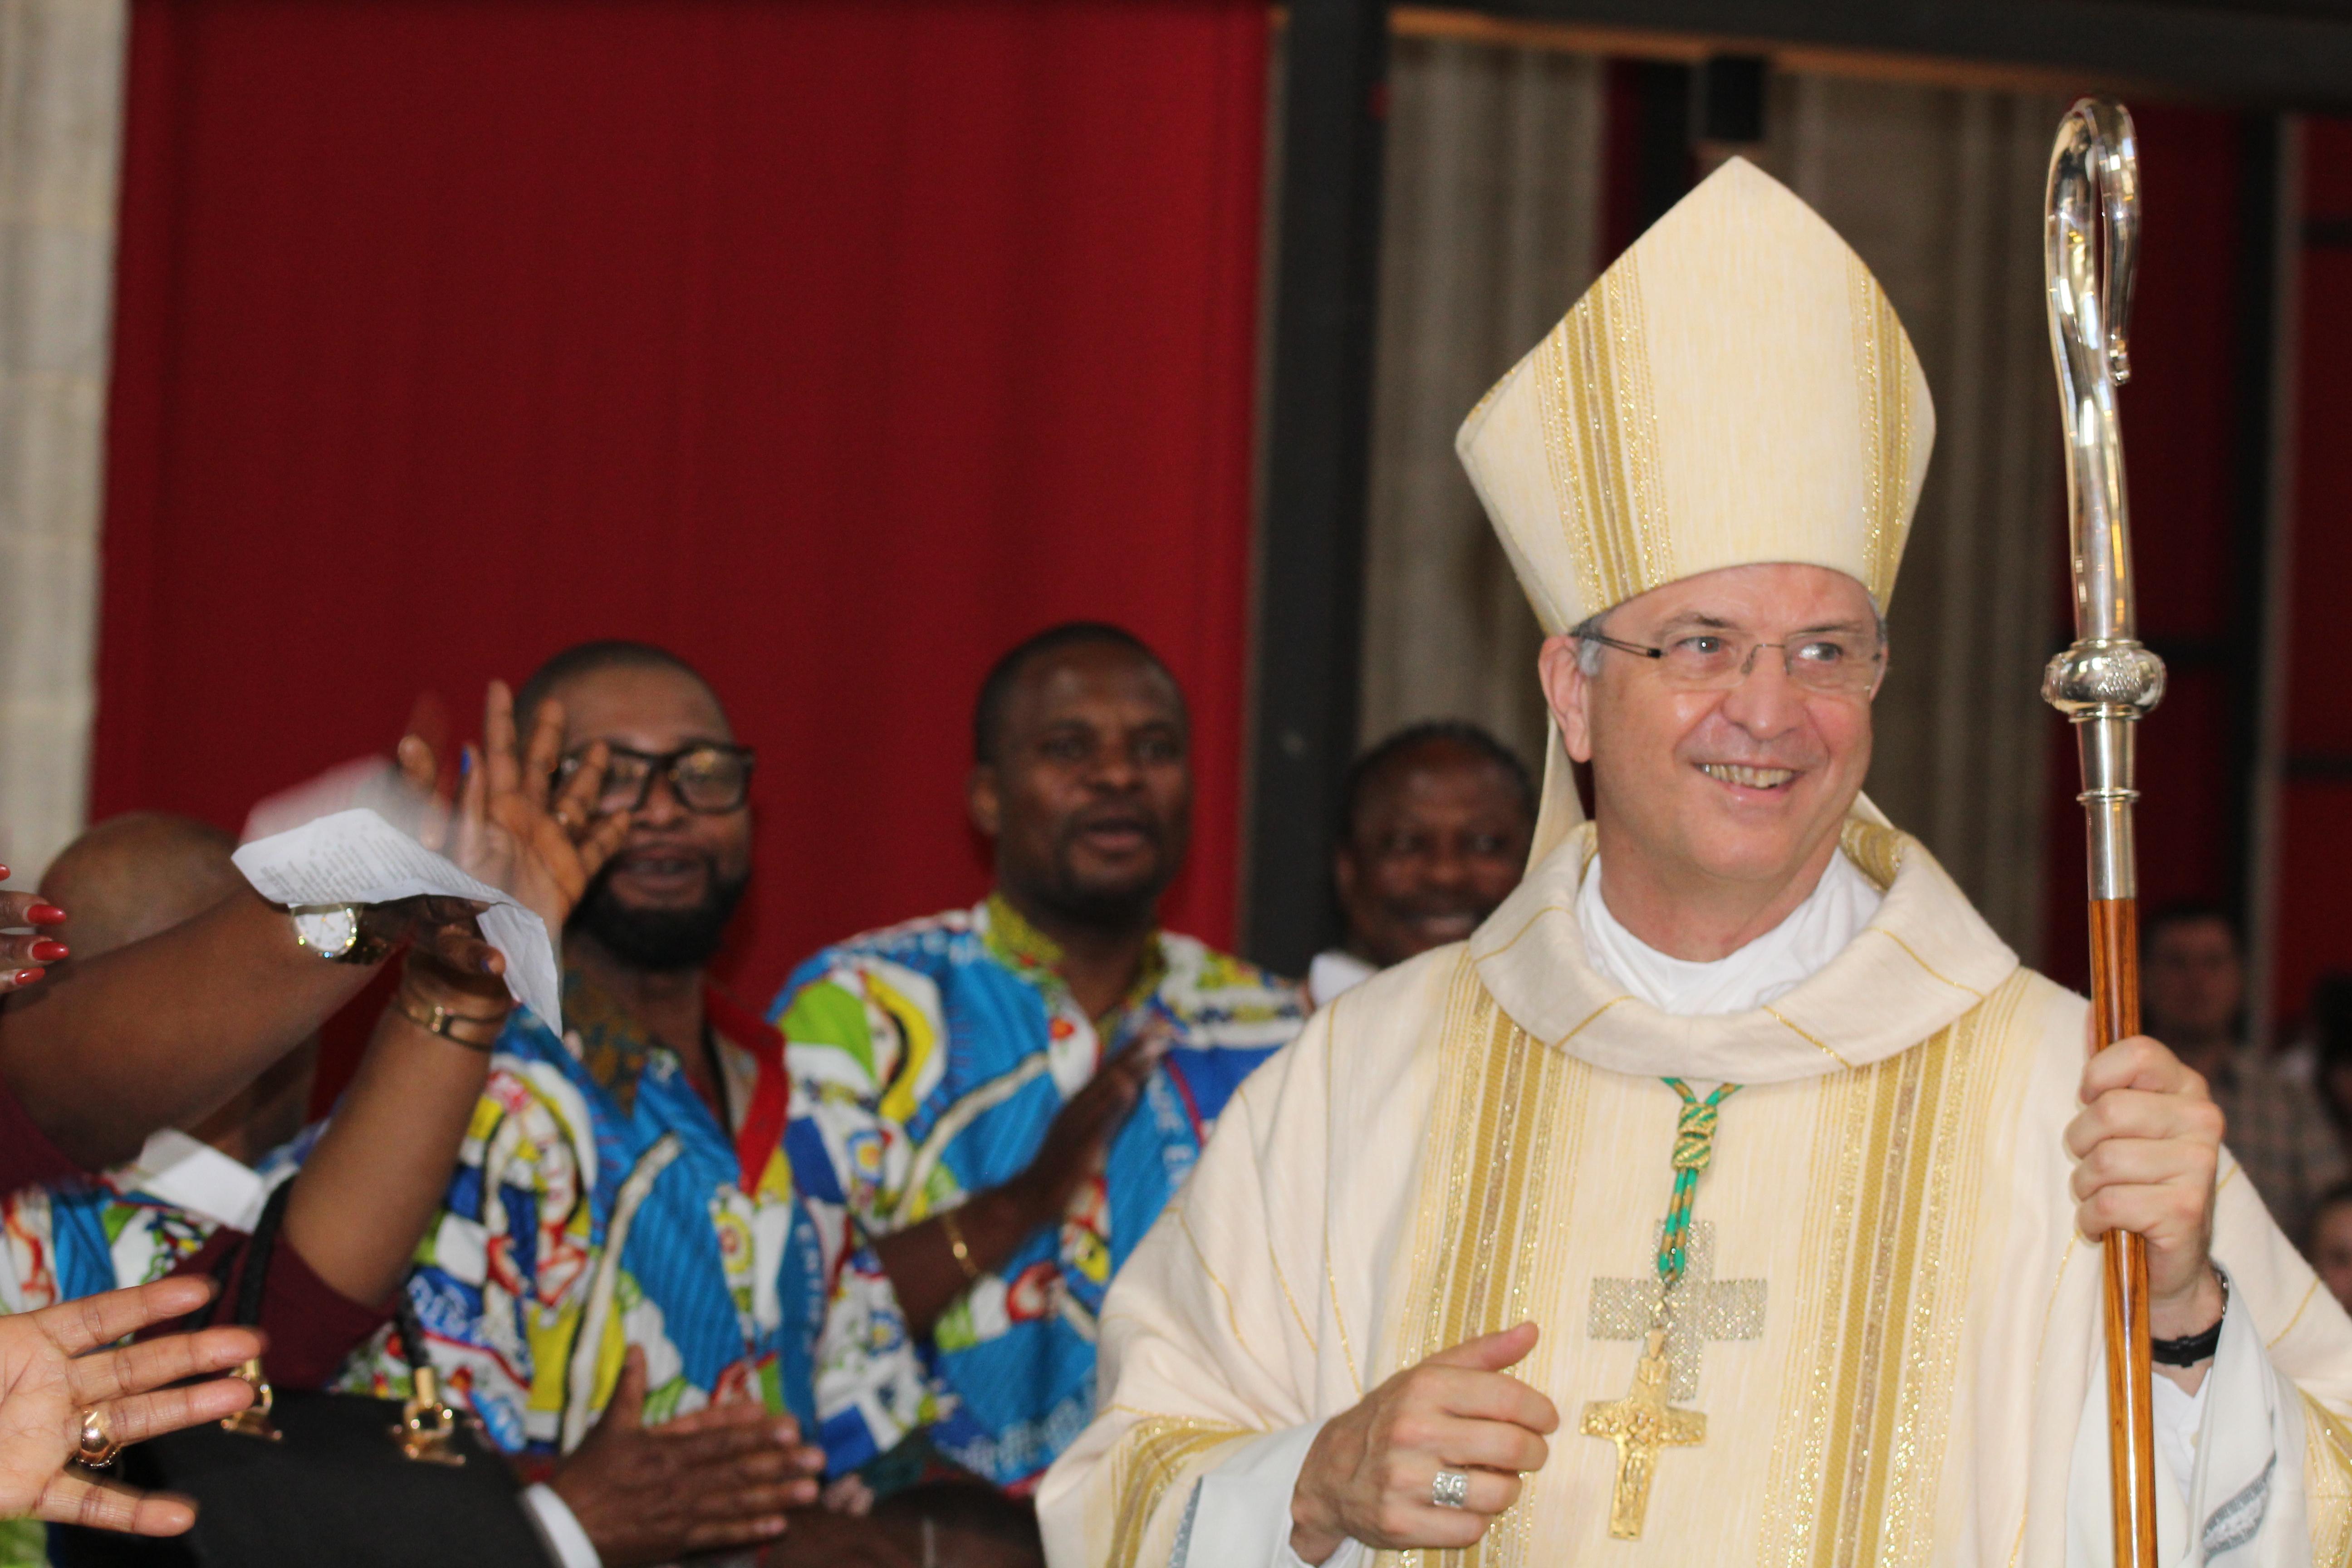 Bisschop Johan Bonny ontmoet de katholieke gemeenschappen van Antwerpen © Albert Sampermans